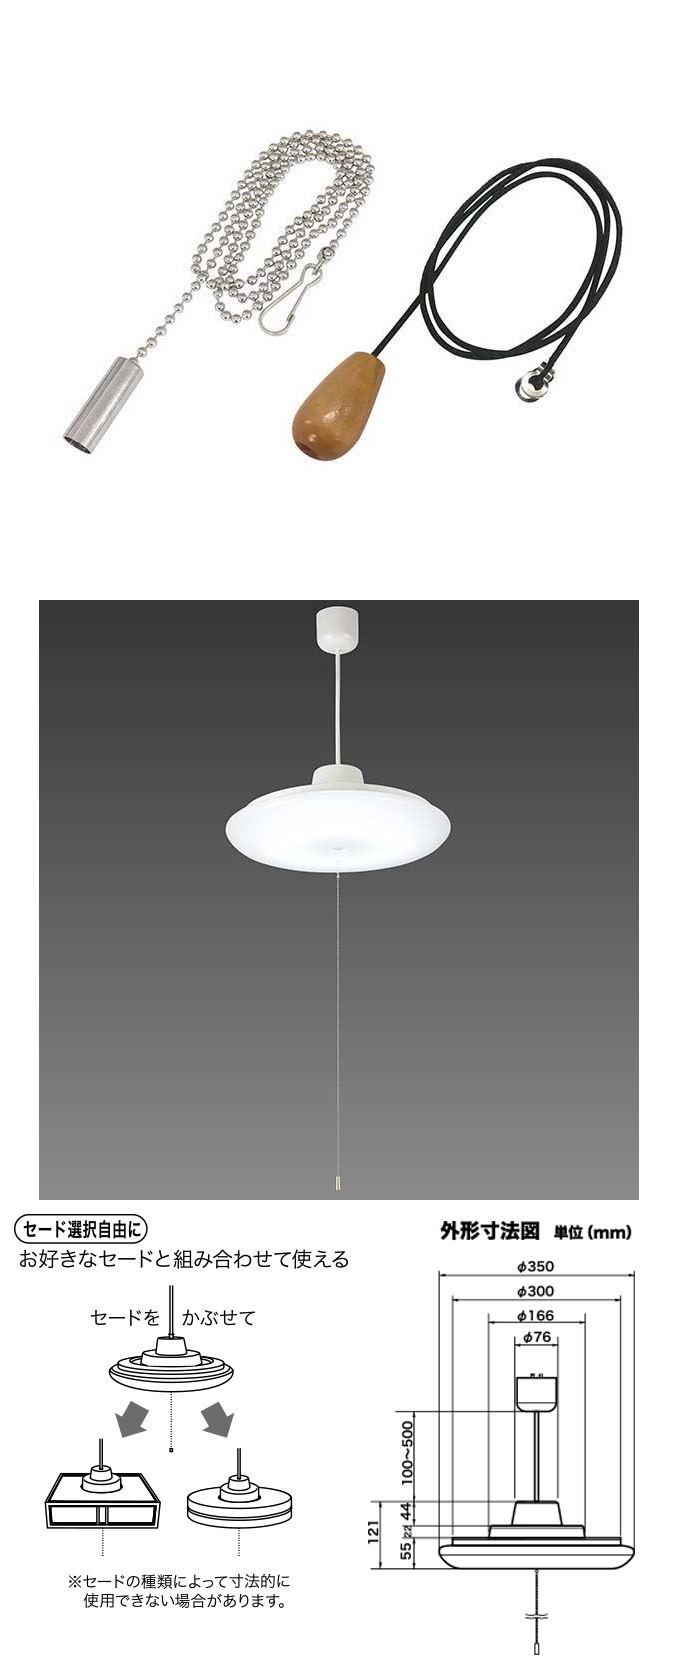 オーム電機 LEDペンダント光源ユニット(6畳用/昼光色) LT-Y40D6G-RP